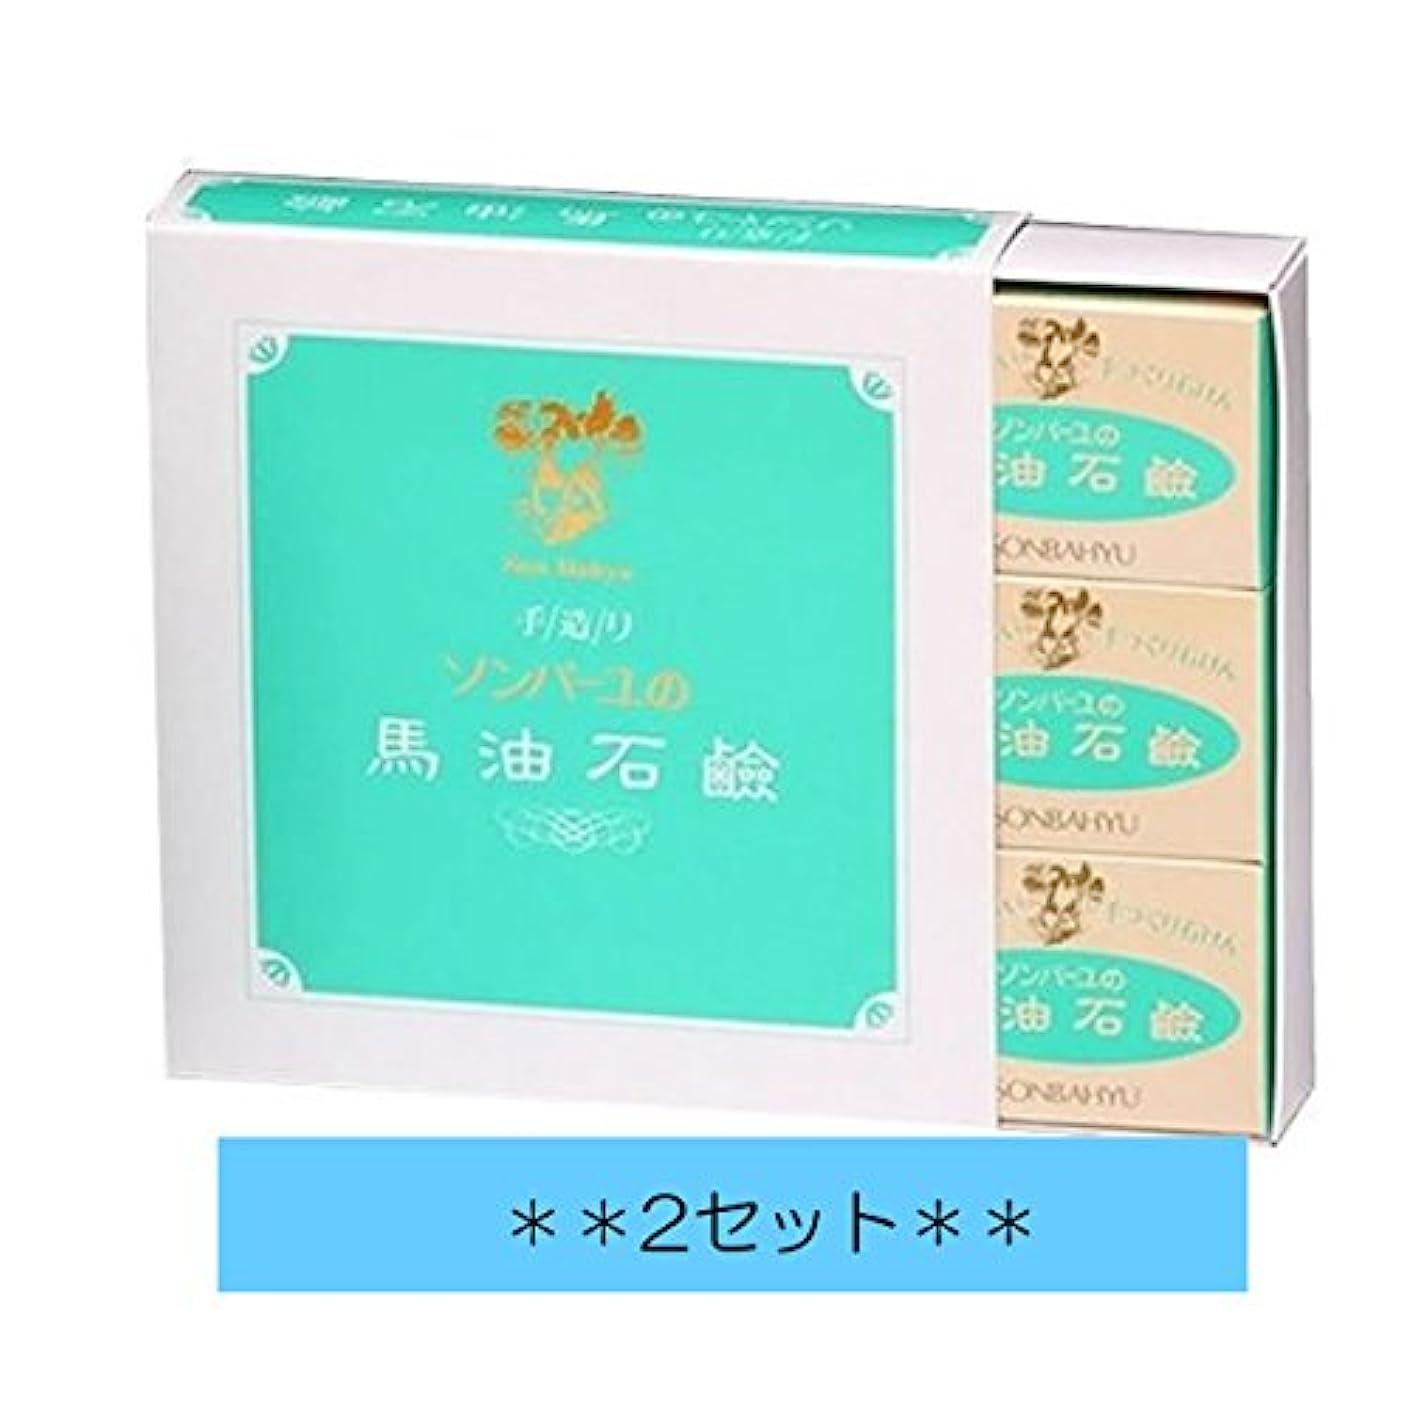 とても仕事に行く休日に【2箱セット】ソンバーユ石鹸 85g×6個